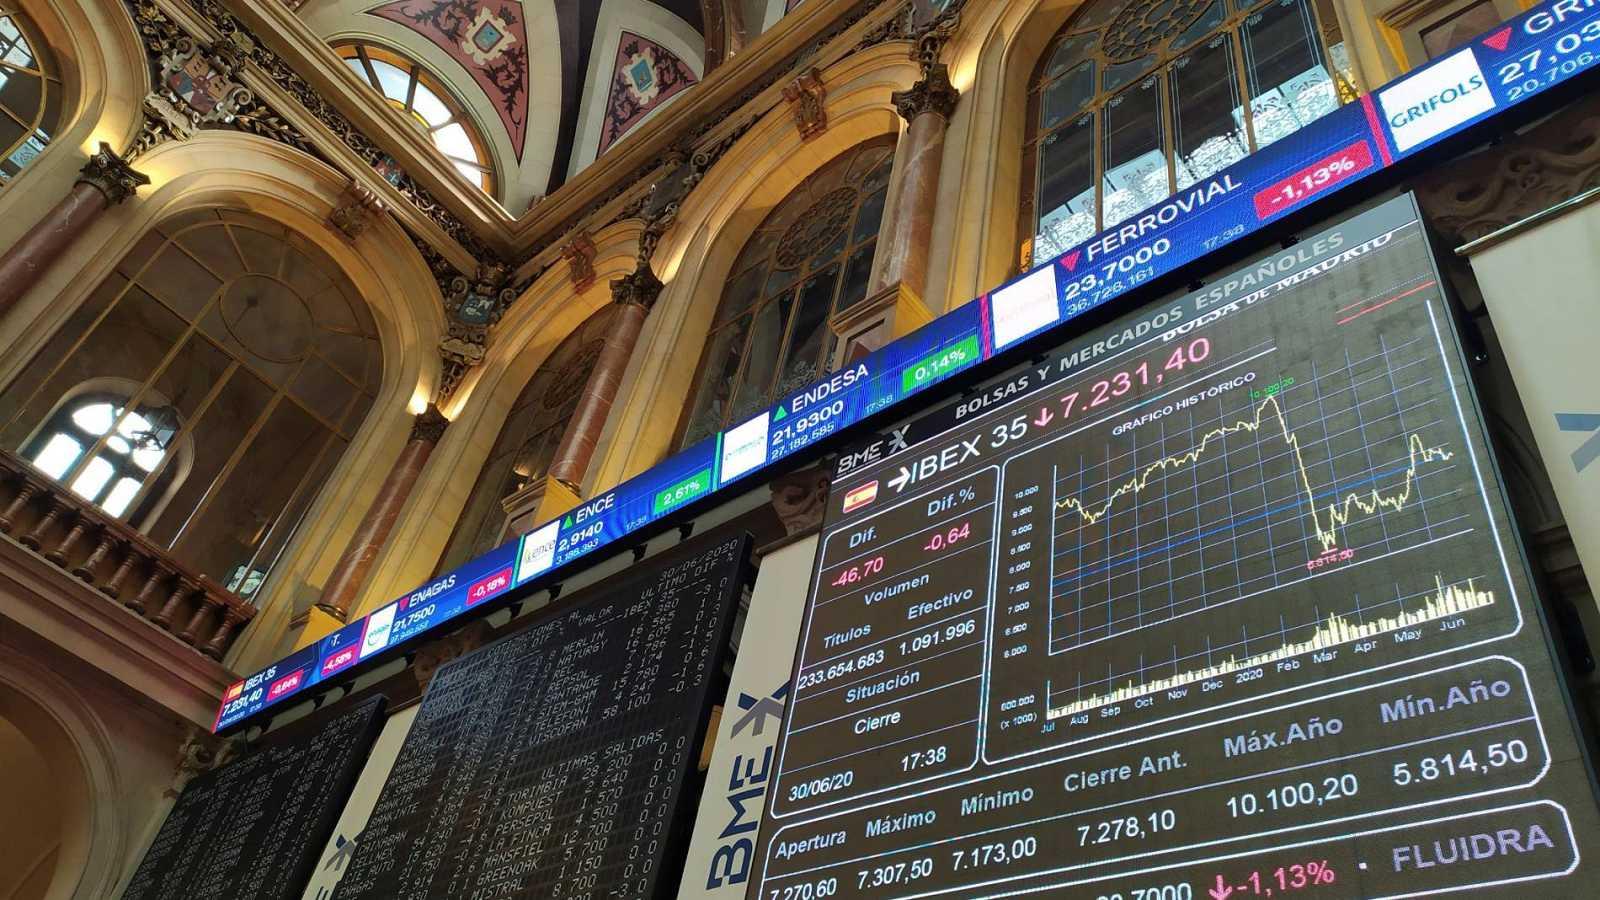 Una pantalla muestra el IBEX 35 este martes en la Bolsa de Madrid